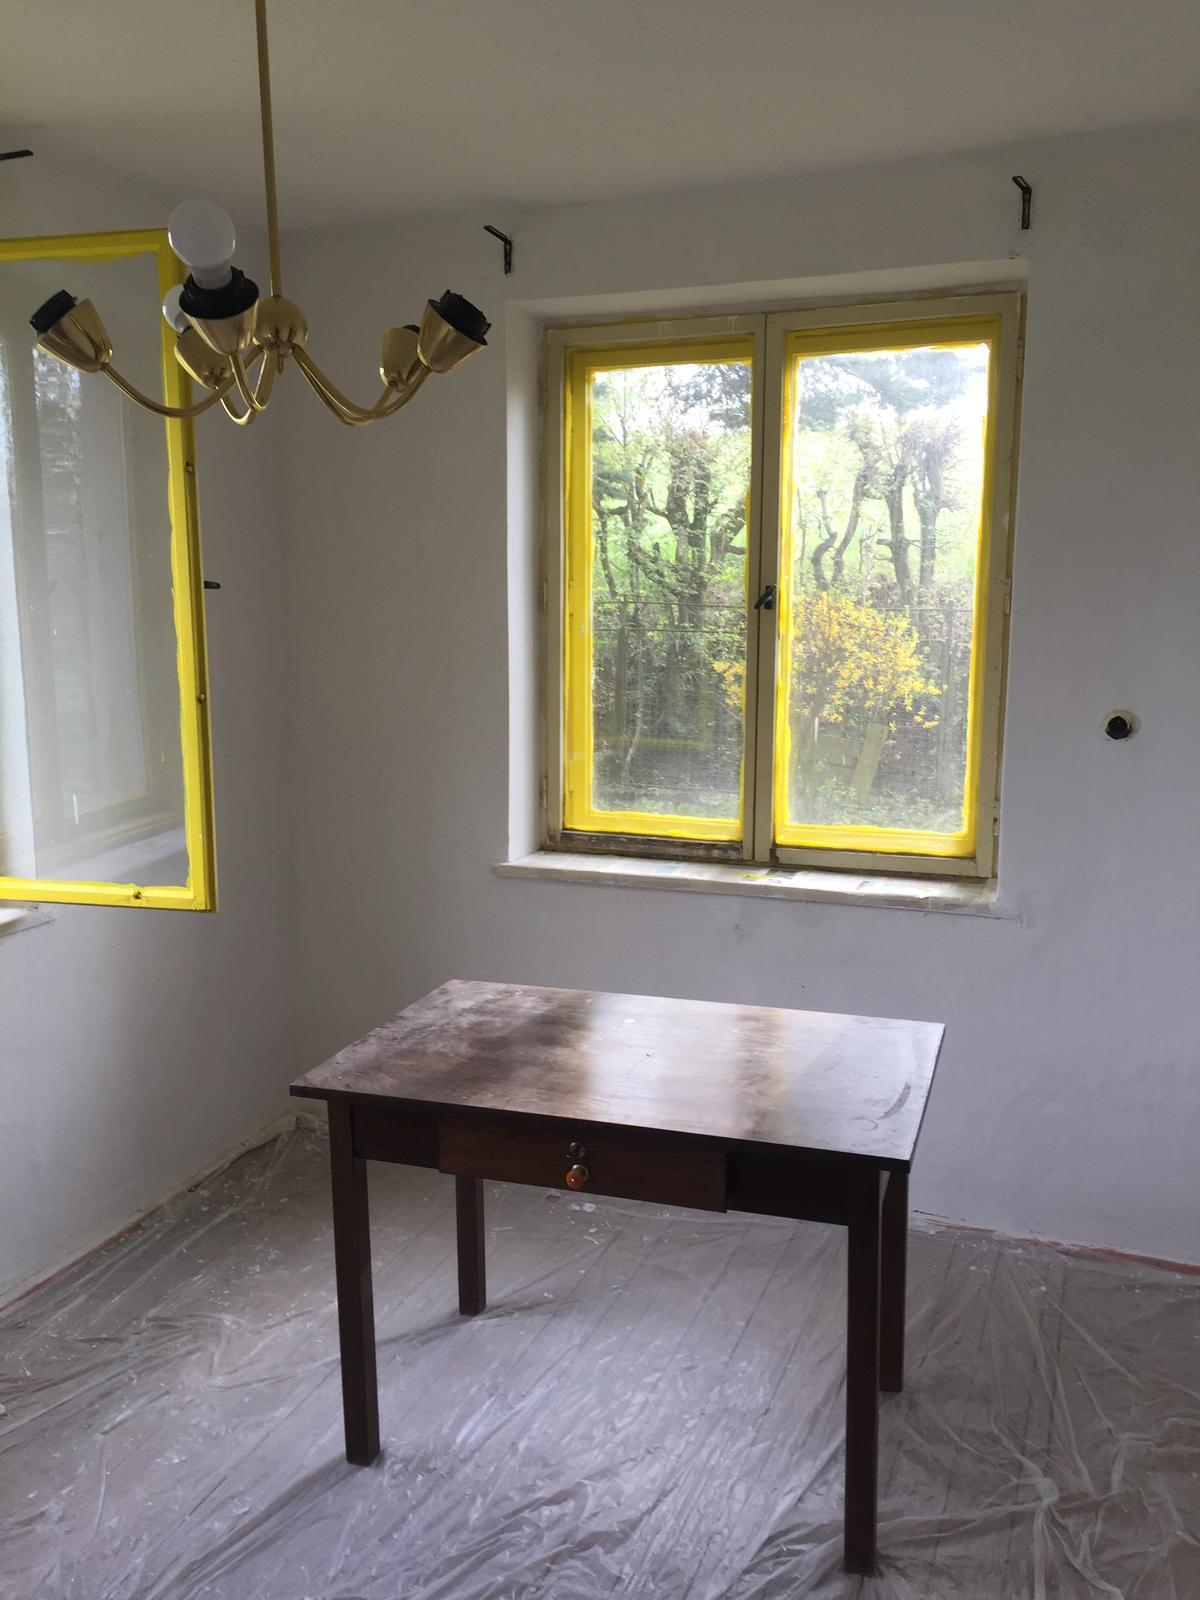 Perníková chalúpka - ...aj ked povodna farba okien bola ina, zlta zvonku im celkom pristane ;)